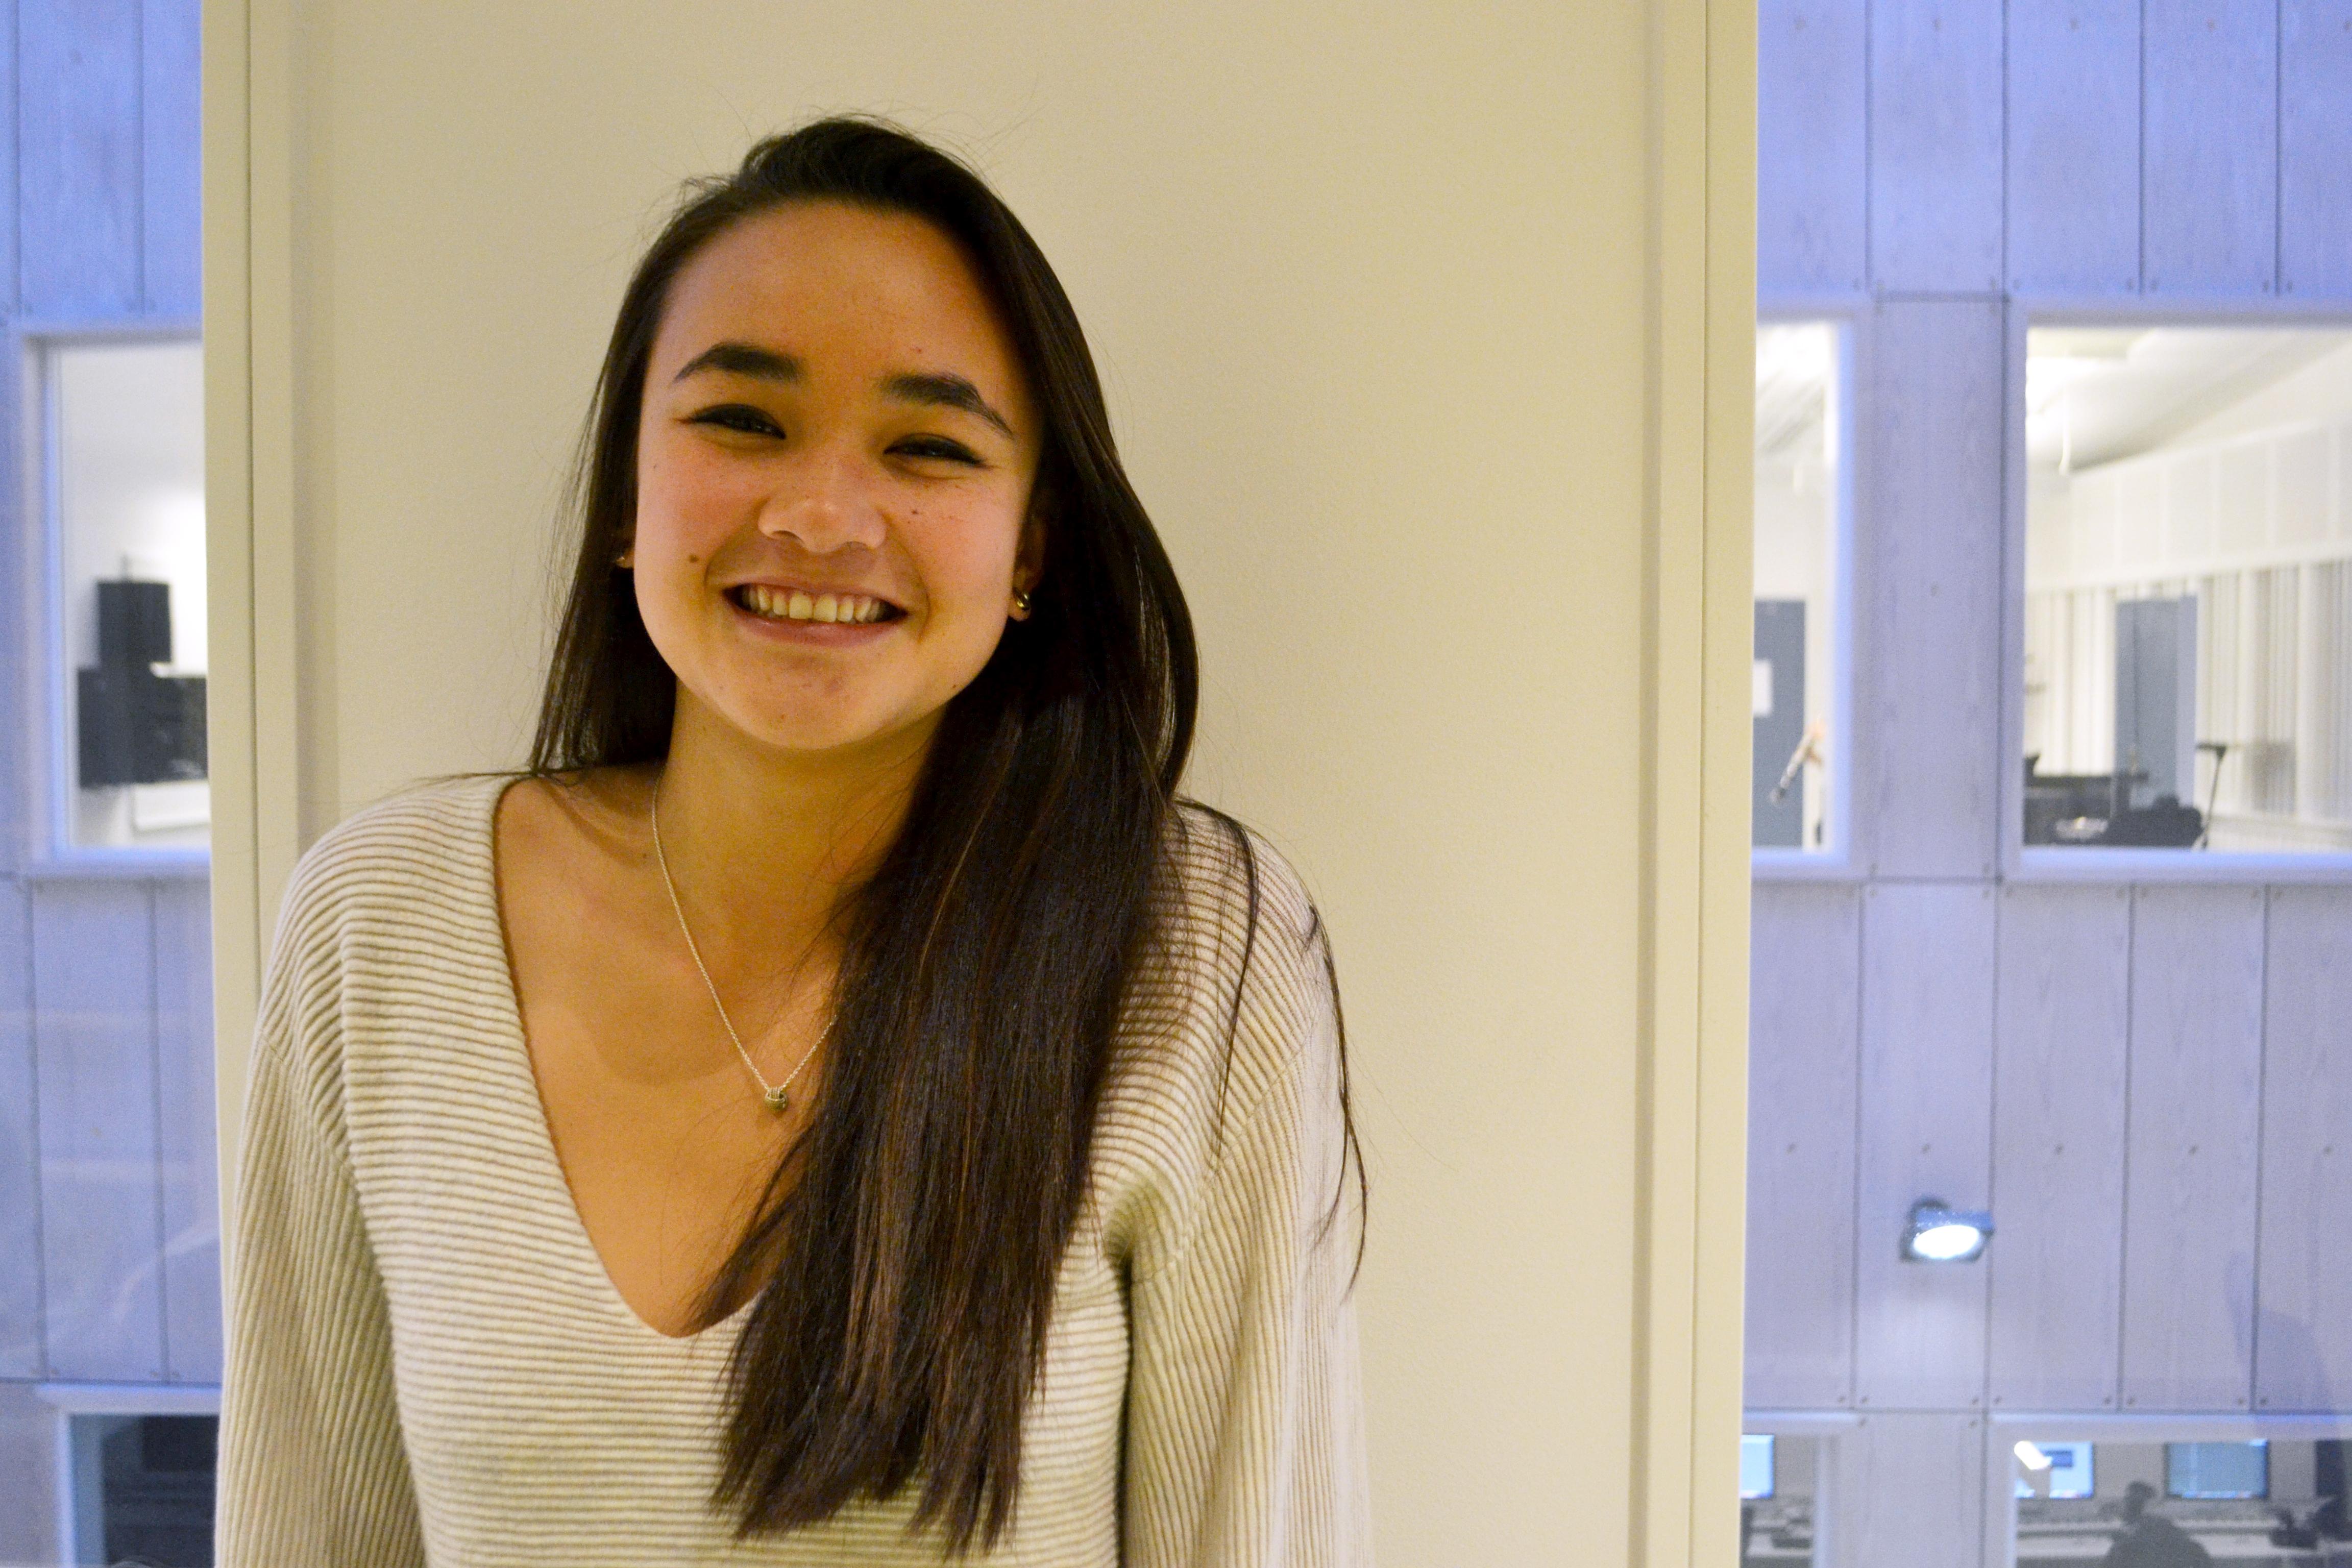 FA17_STO Rebecca Fung Independent Project_Zoe Chodak (3).JPG